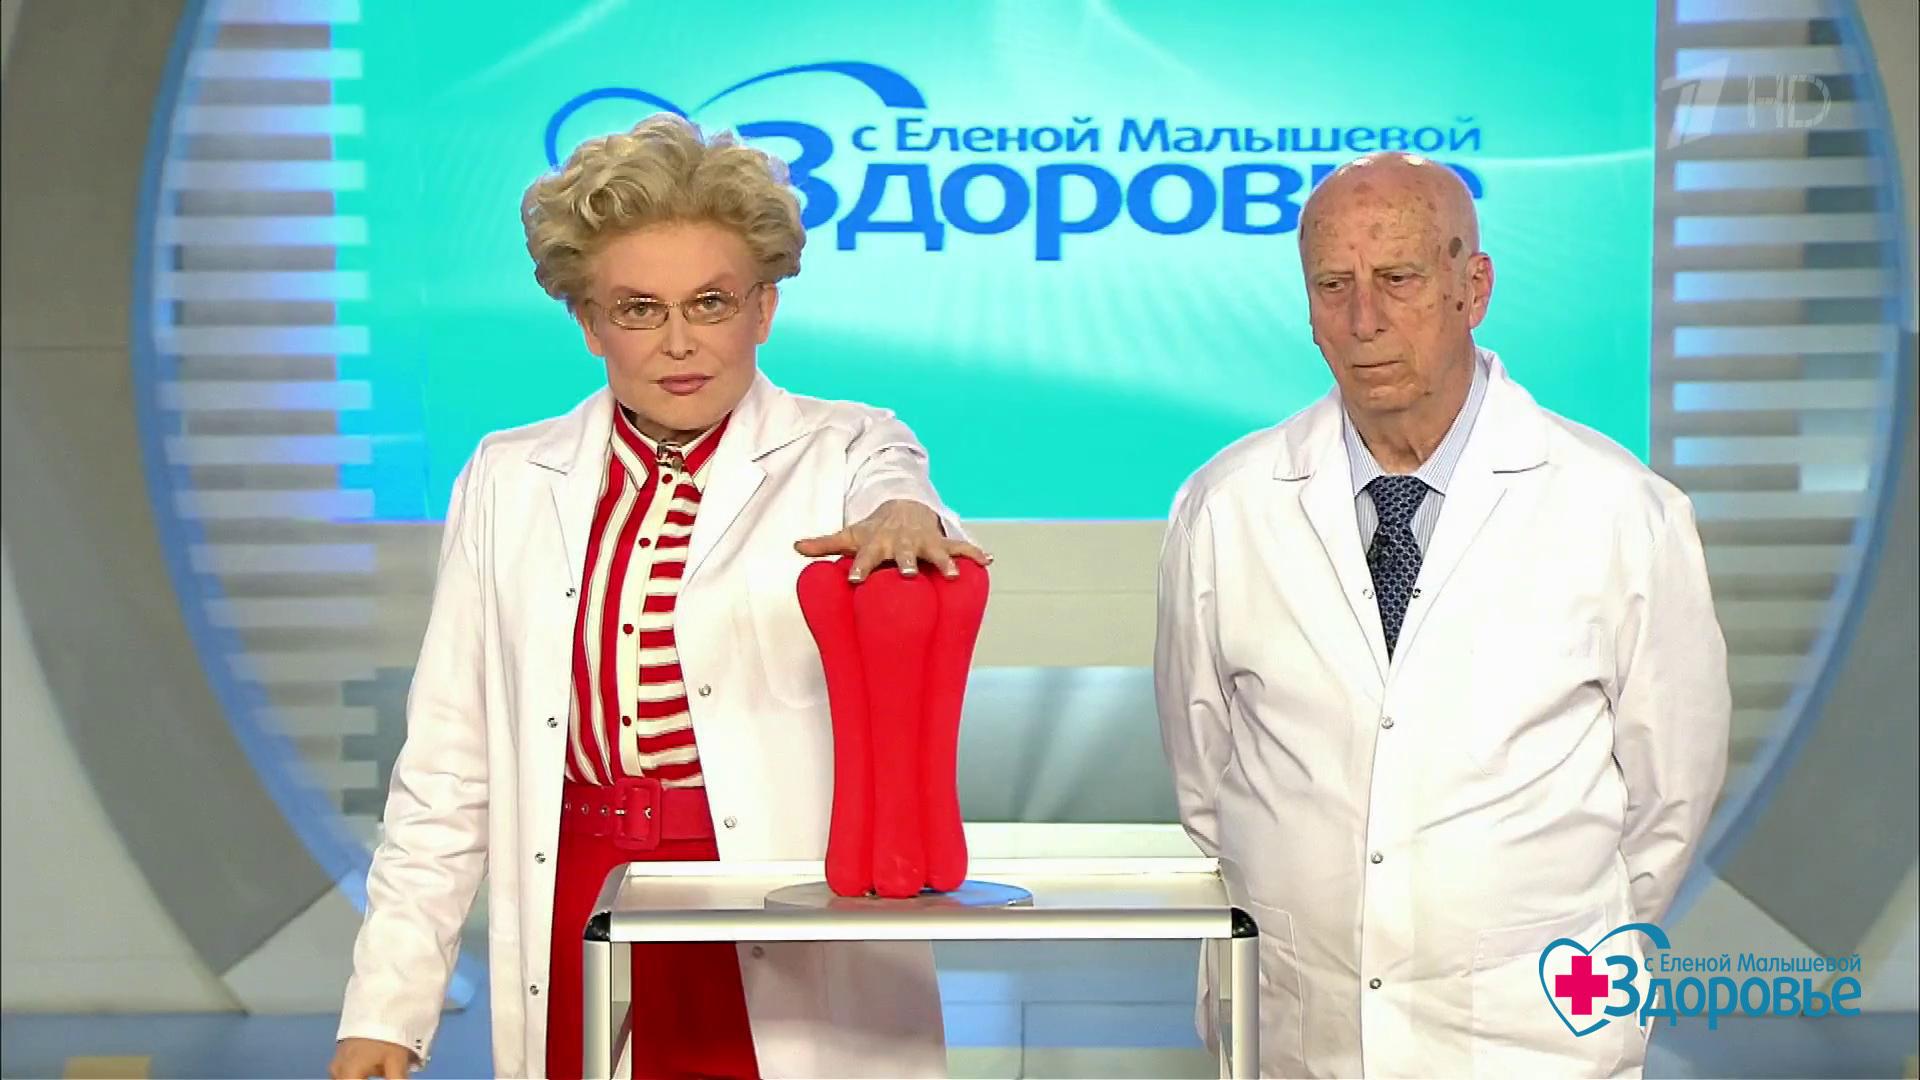 Лечение Алкоголизма От Елены Малышевой